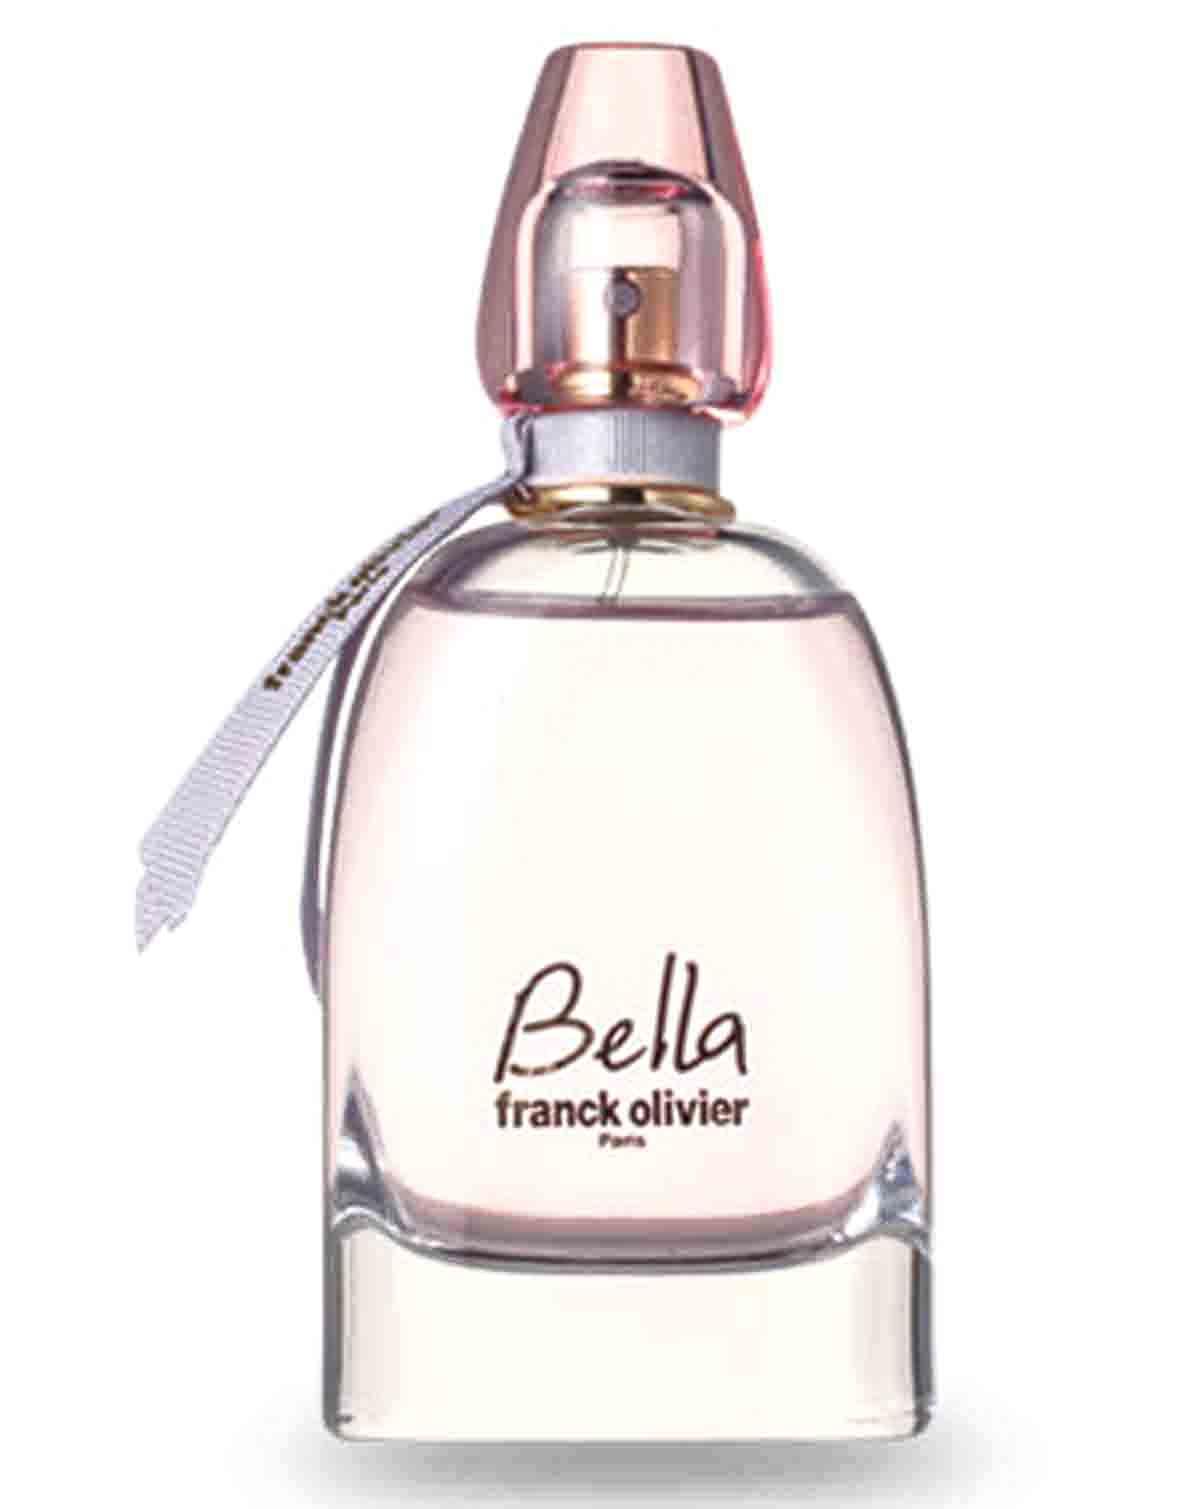 عطر زنانه فرانک اولیویر مدل بلا (Bella) حجم 75 میل